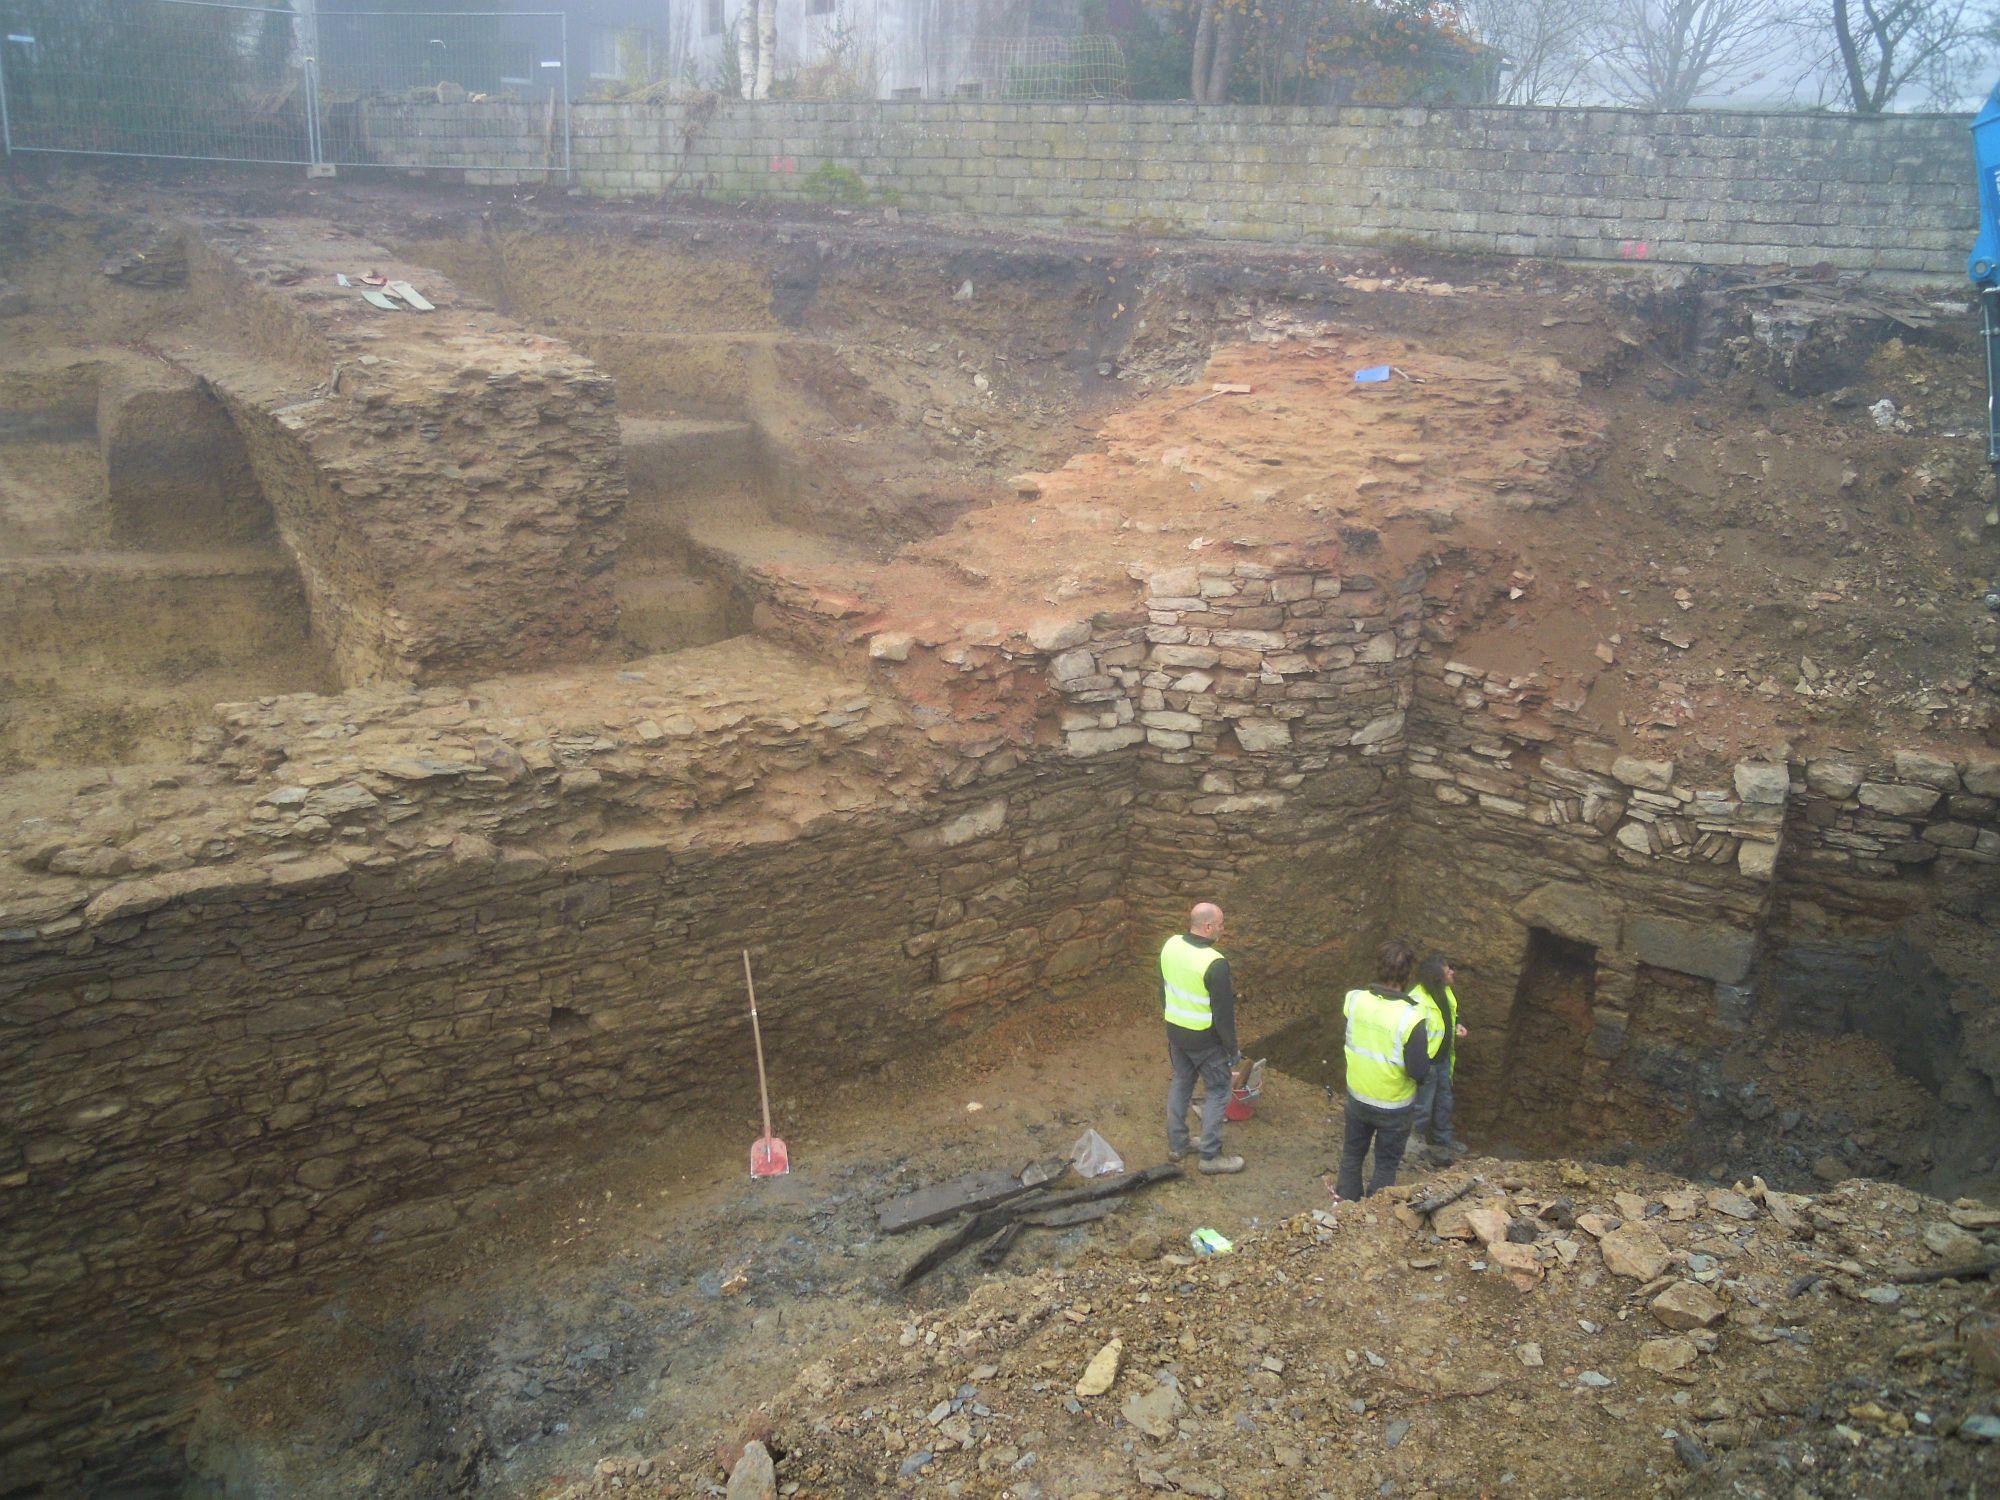 10.11.2020: Öffnungen im Mauerwerk (rechts) geben Rätsel auf: Warum liegen sie unterhalb des Wassergrabens (Bildmitte)?